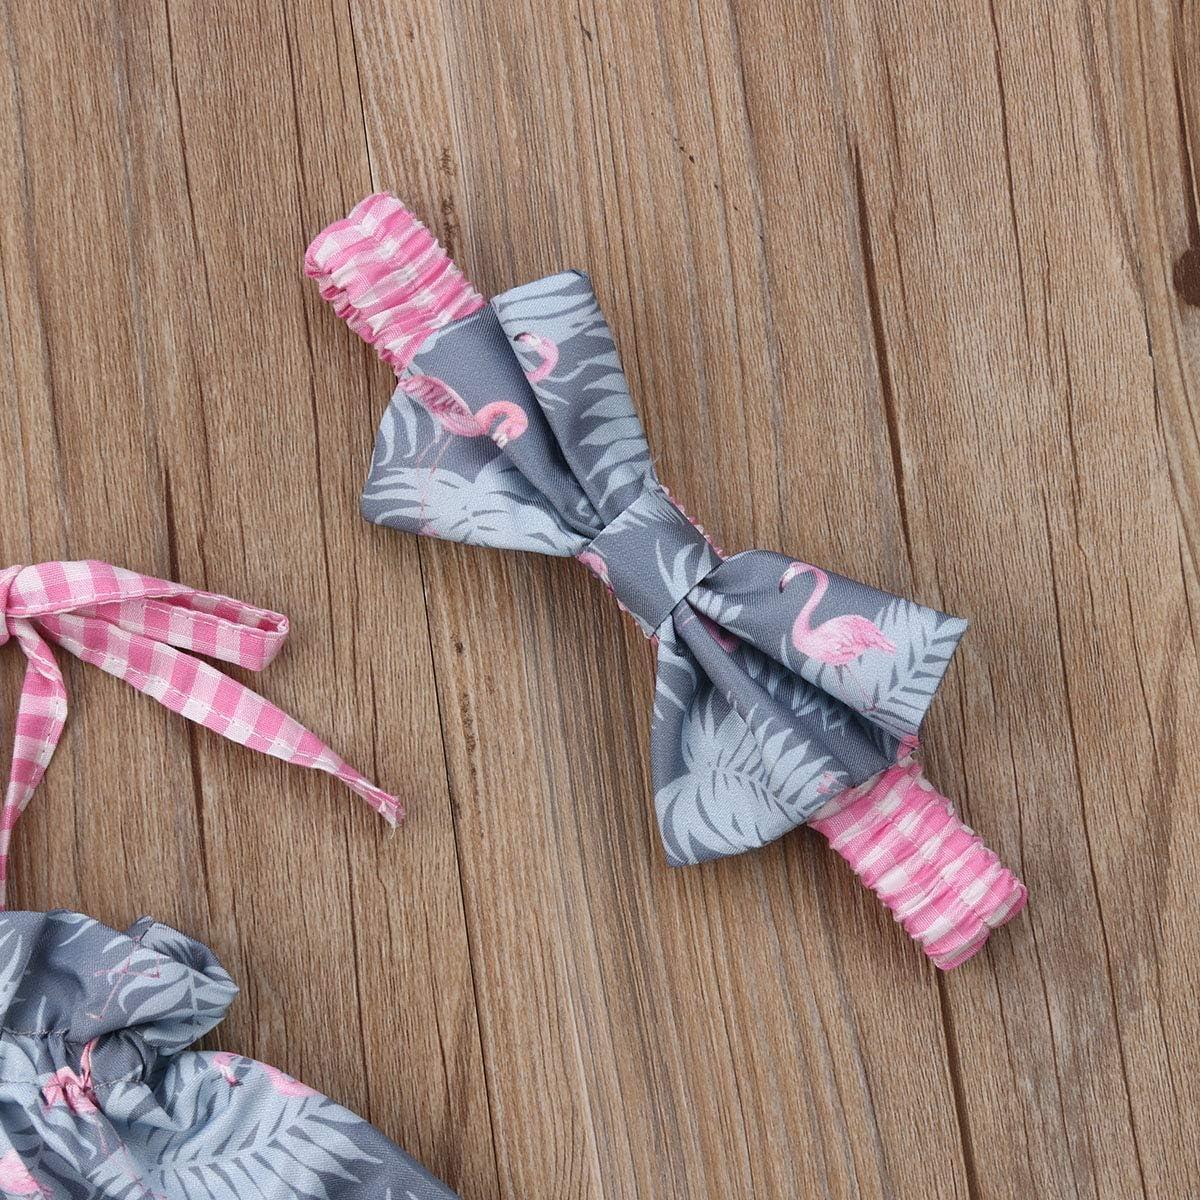 Pantaloncini a Quadri Rosa Carolilly Neonata Tuta Bambina Ragazza Estate Abito Vestito 3 Pezzi con Stampa Fenicotteri Rosa Canotta Crop Top Fascia con Flamingo e Bowknot